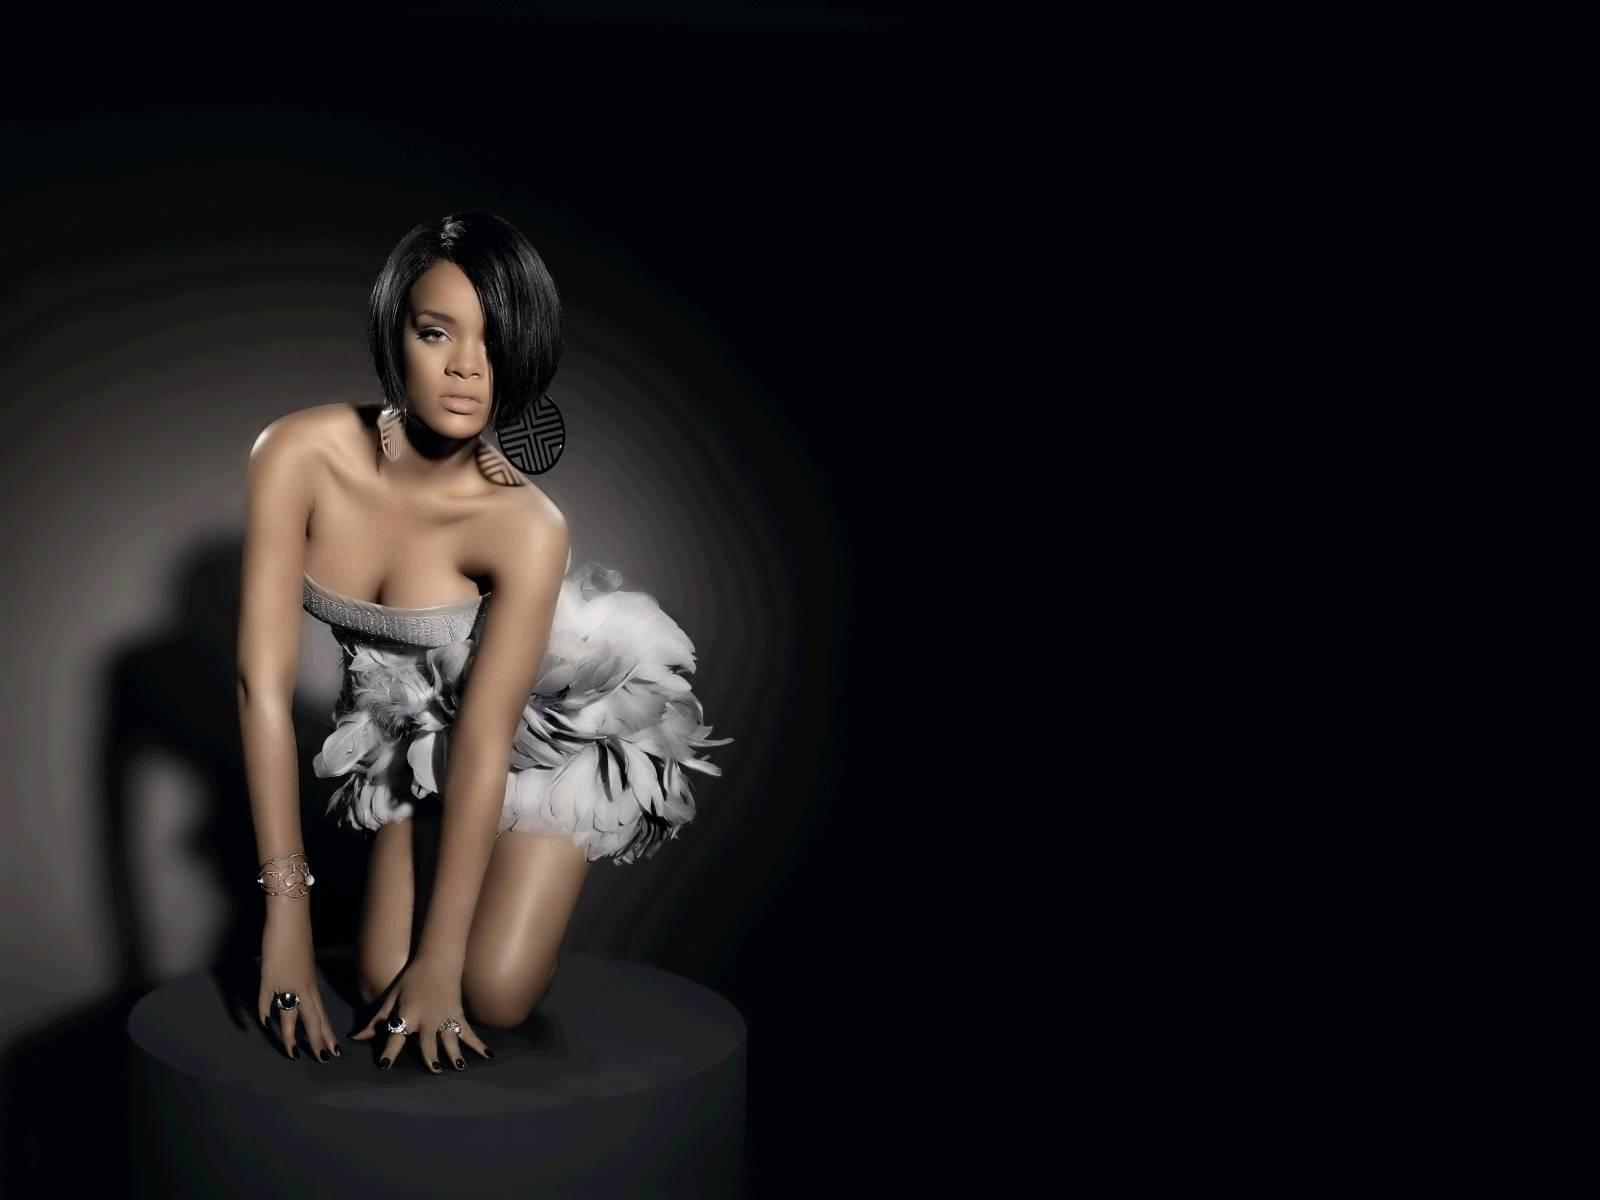 http://1.bp.blogspot.com/_2IU2Nt4rD1k/TCGzFtl_oiI/AAAAAAAABvM/TgnyOk4-n8E/s1600/Rihanna+wallpapers+hq+(3).jpg